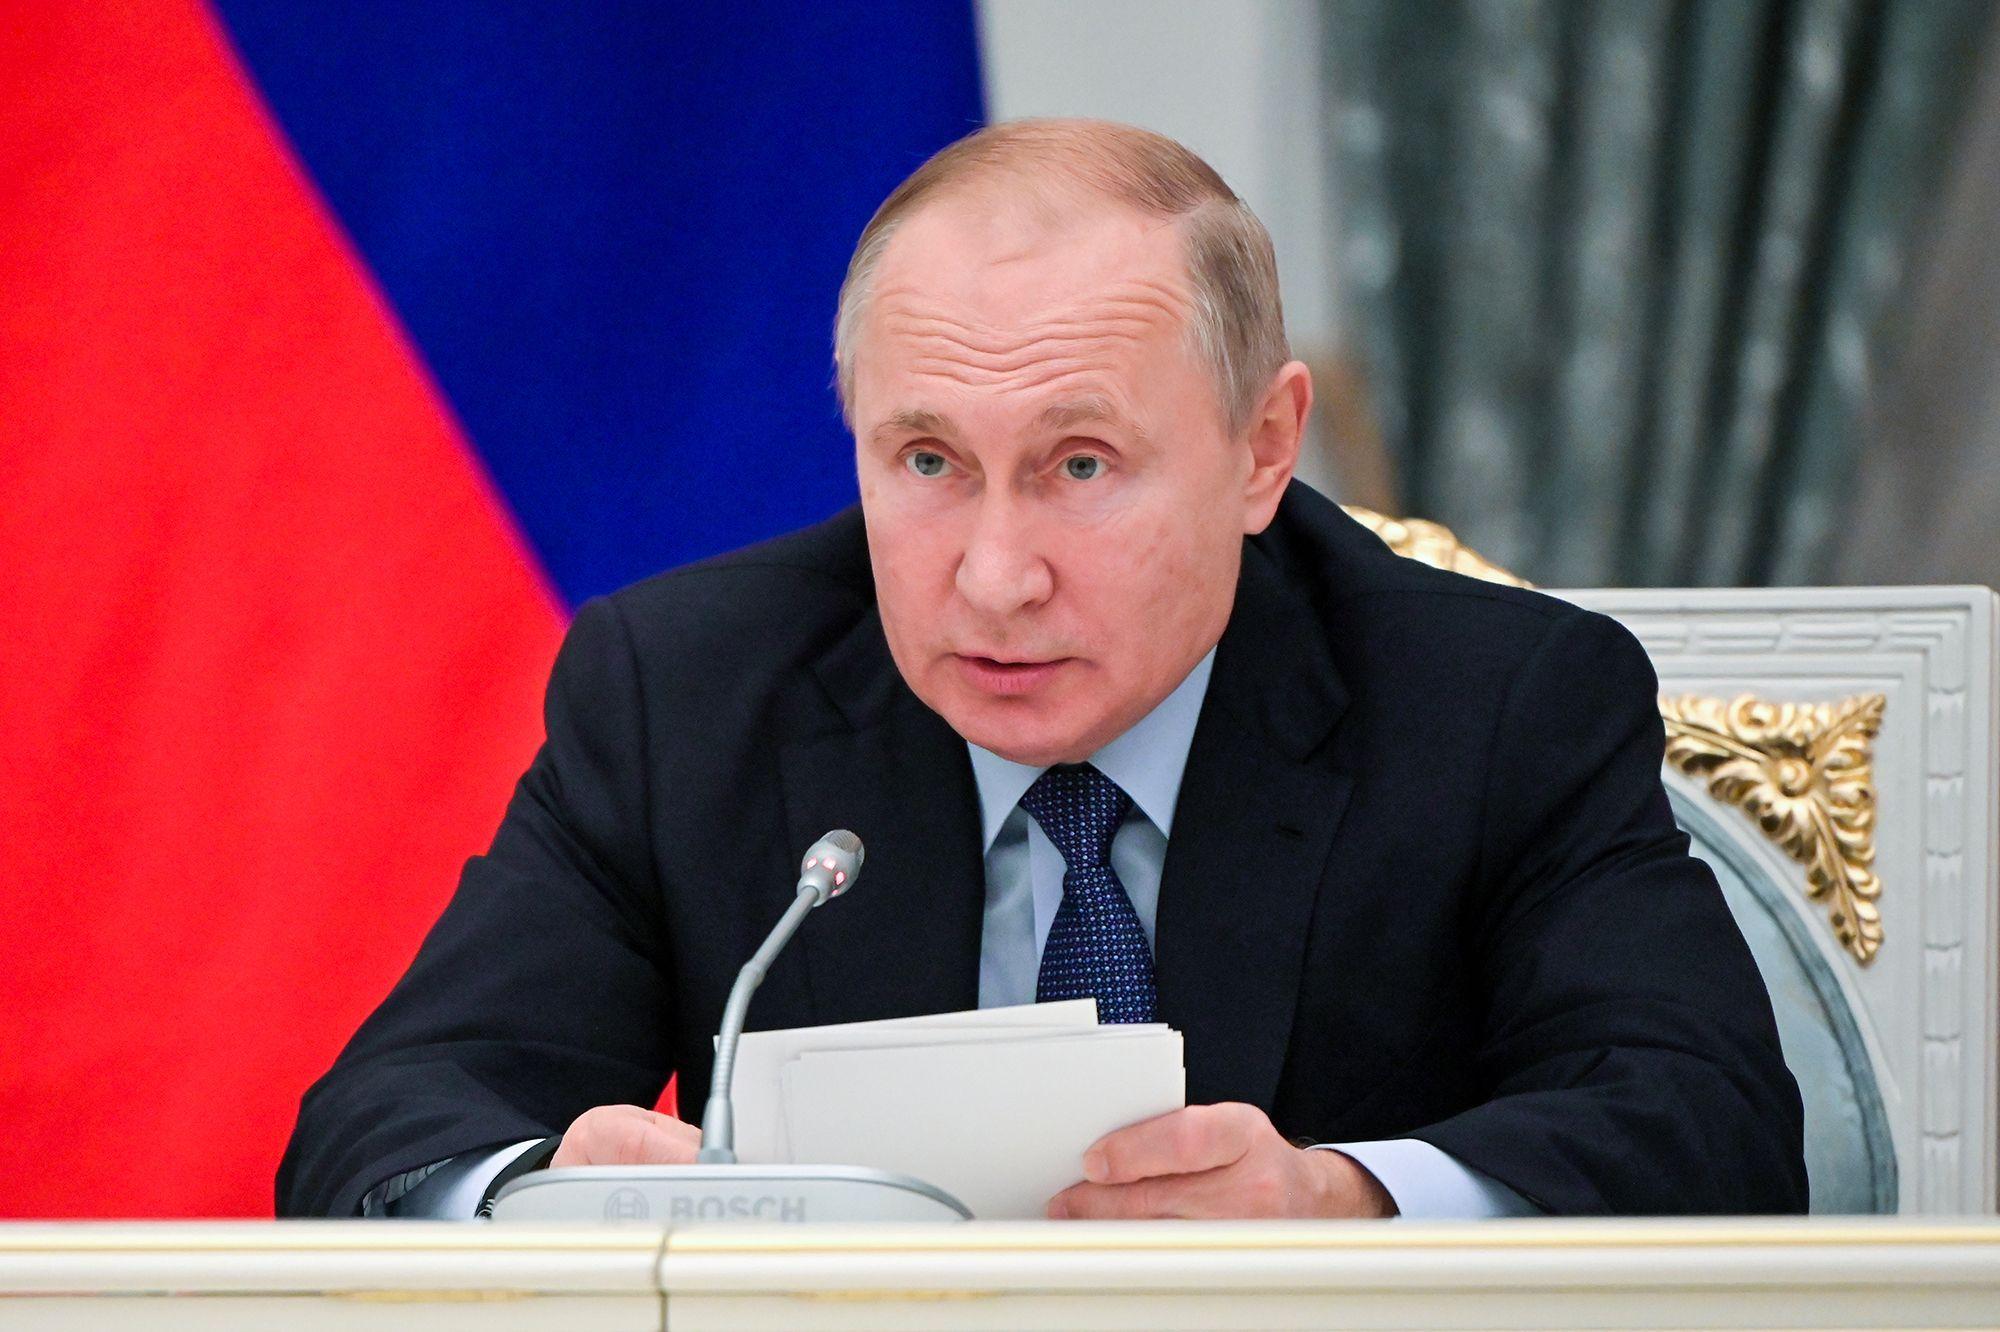 Vladimir-Poutine-Wikipedia